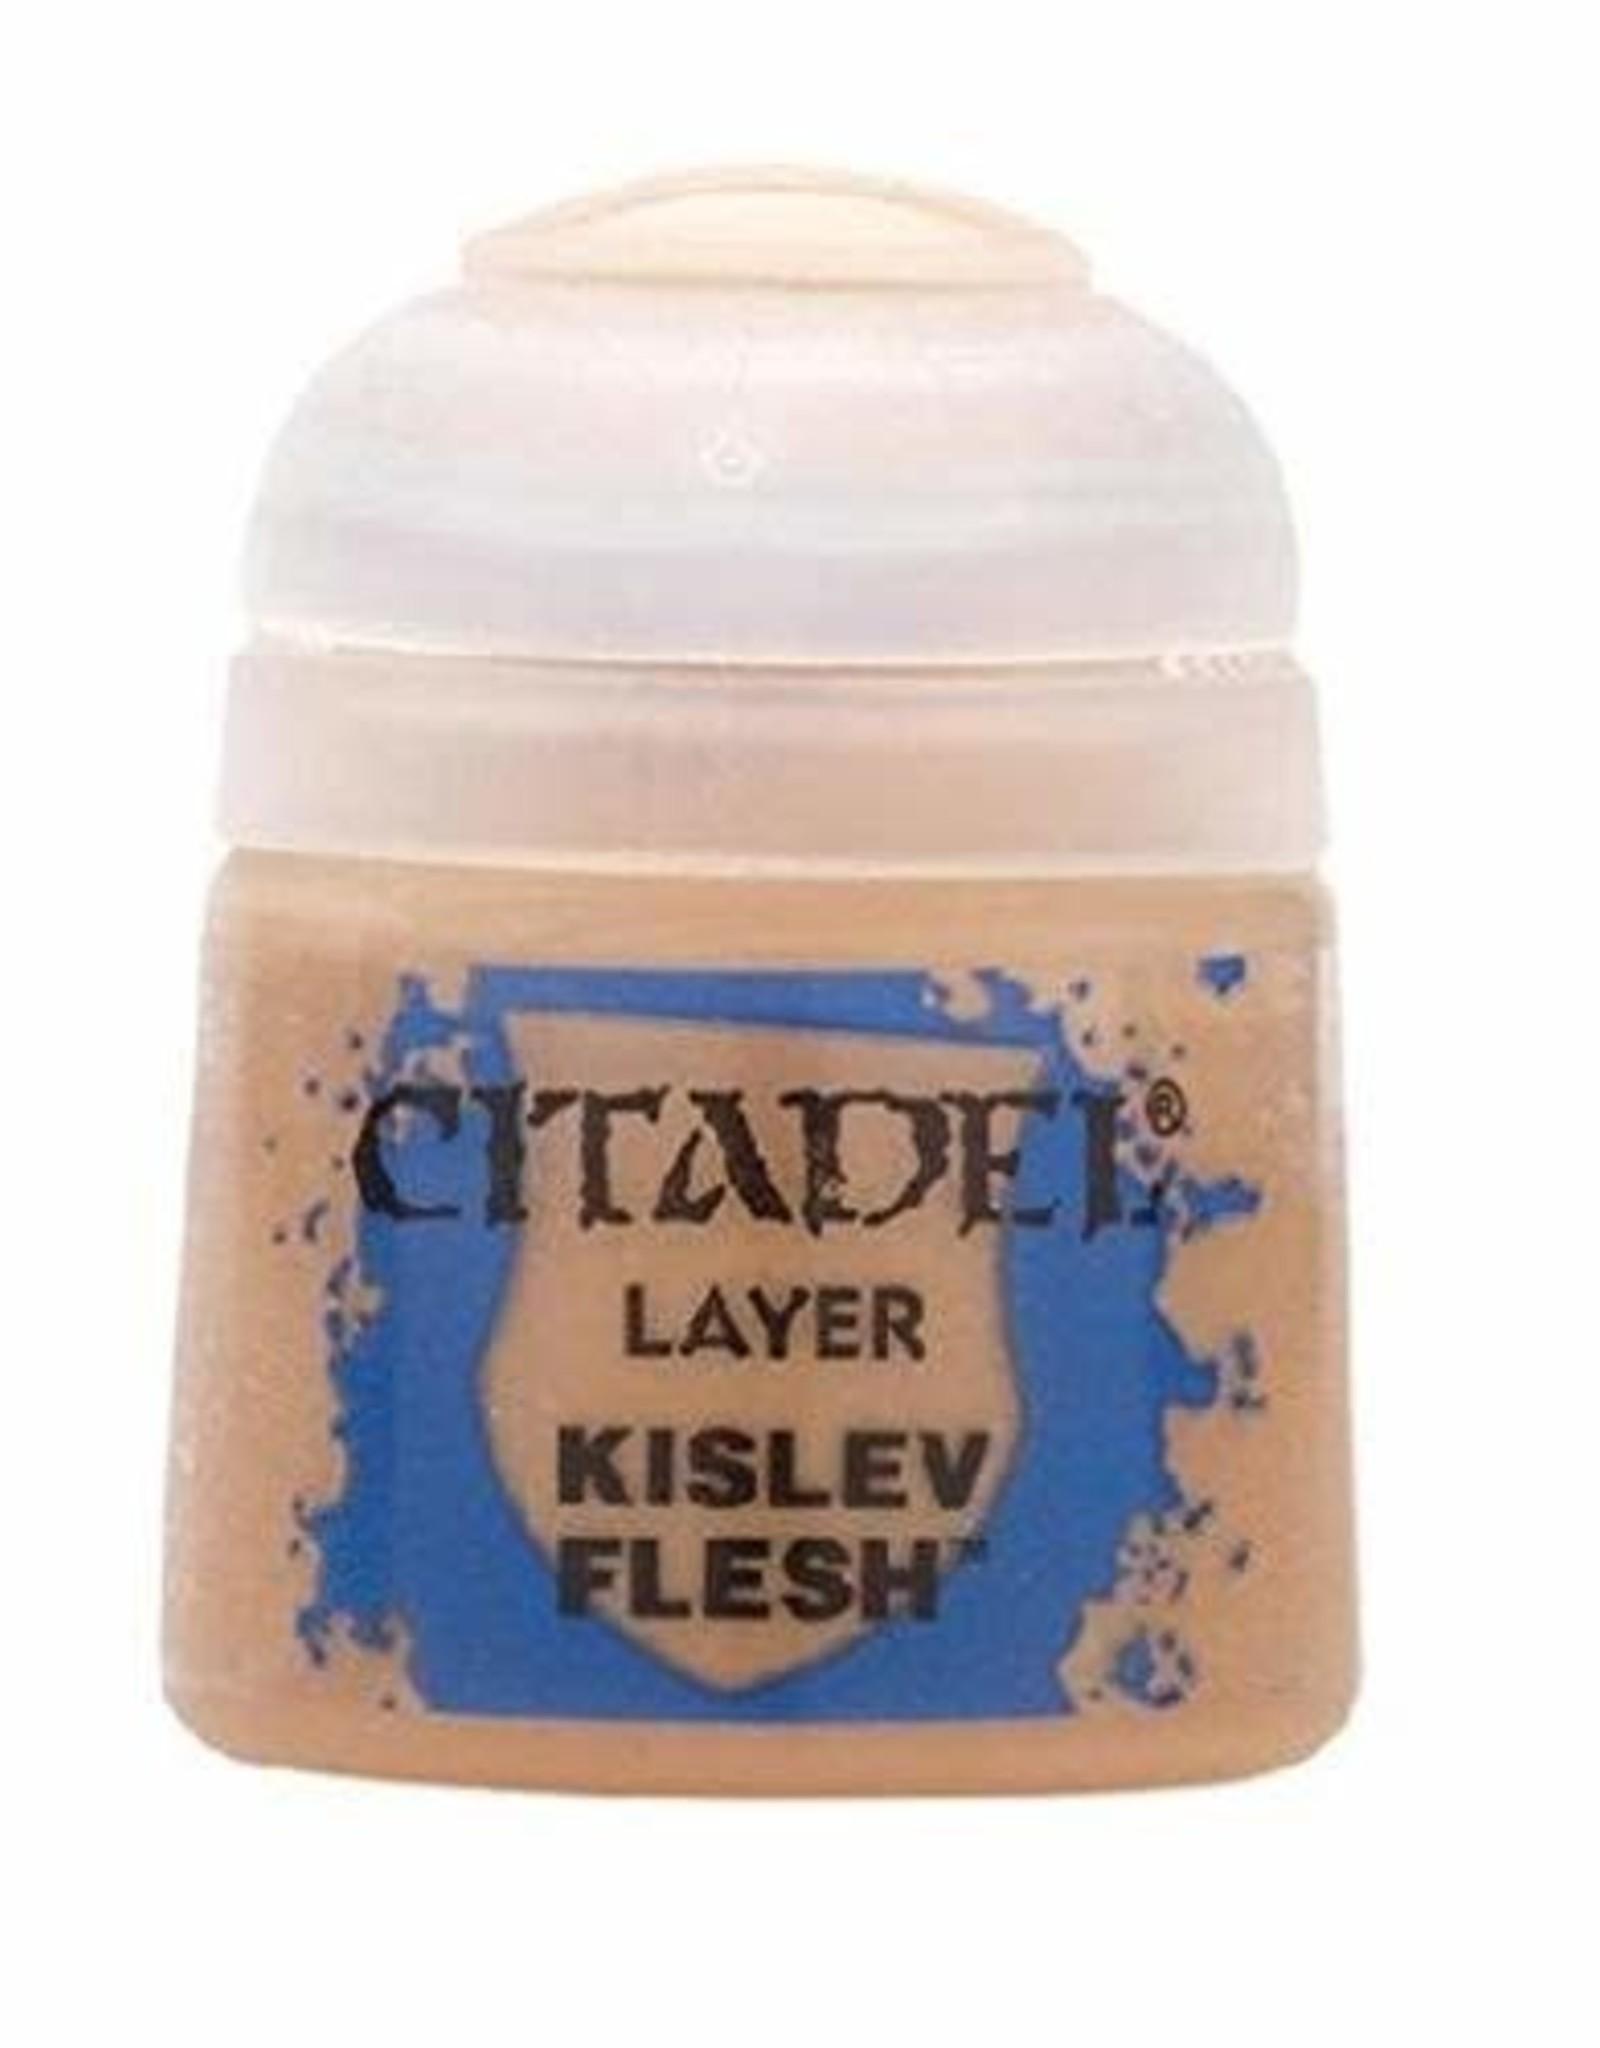 Games Workshop Citadel Paint: Layer - Kislev Flesh